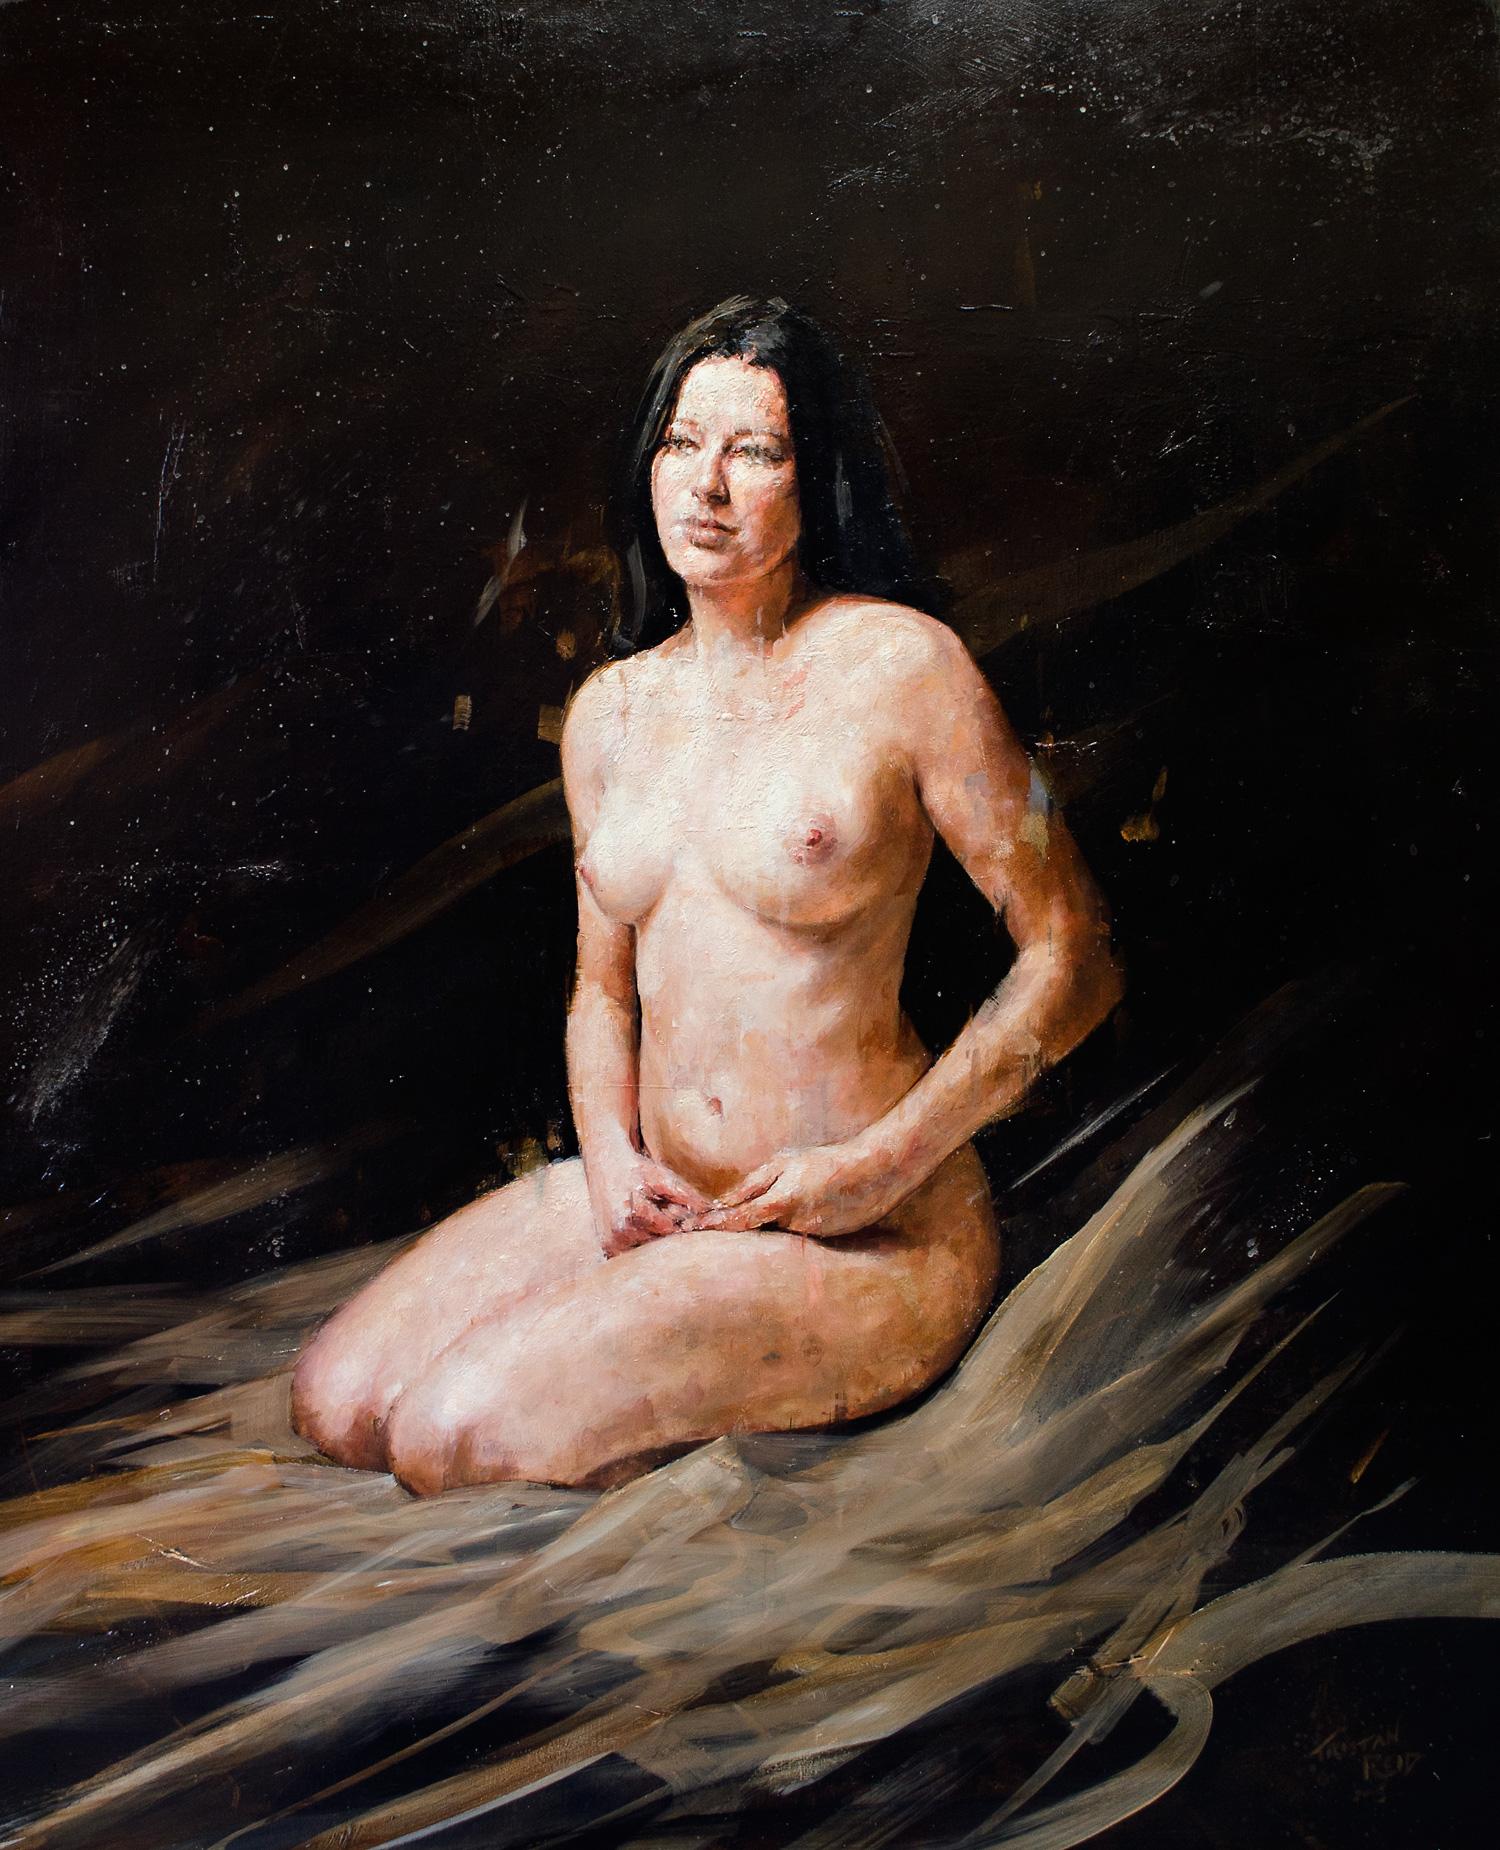 Nude 7, oil on panel, 81.5x68cm